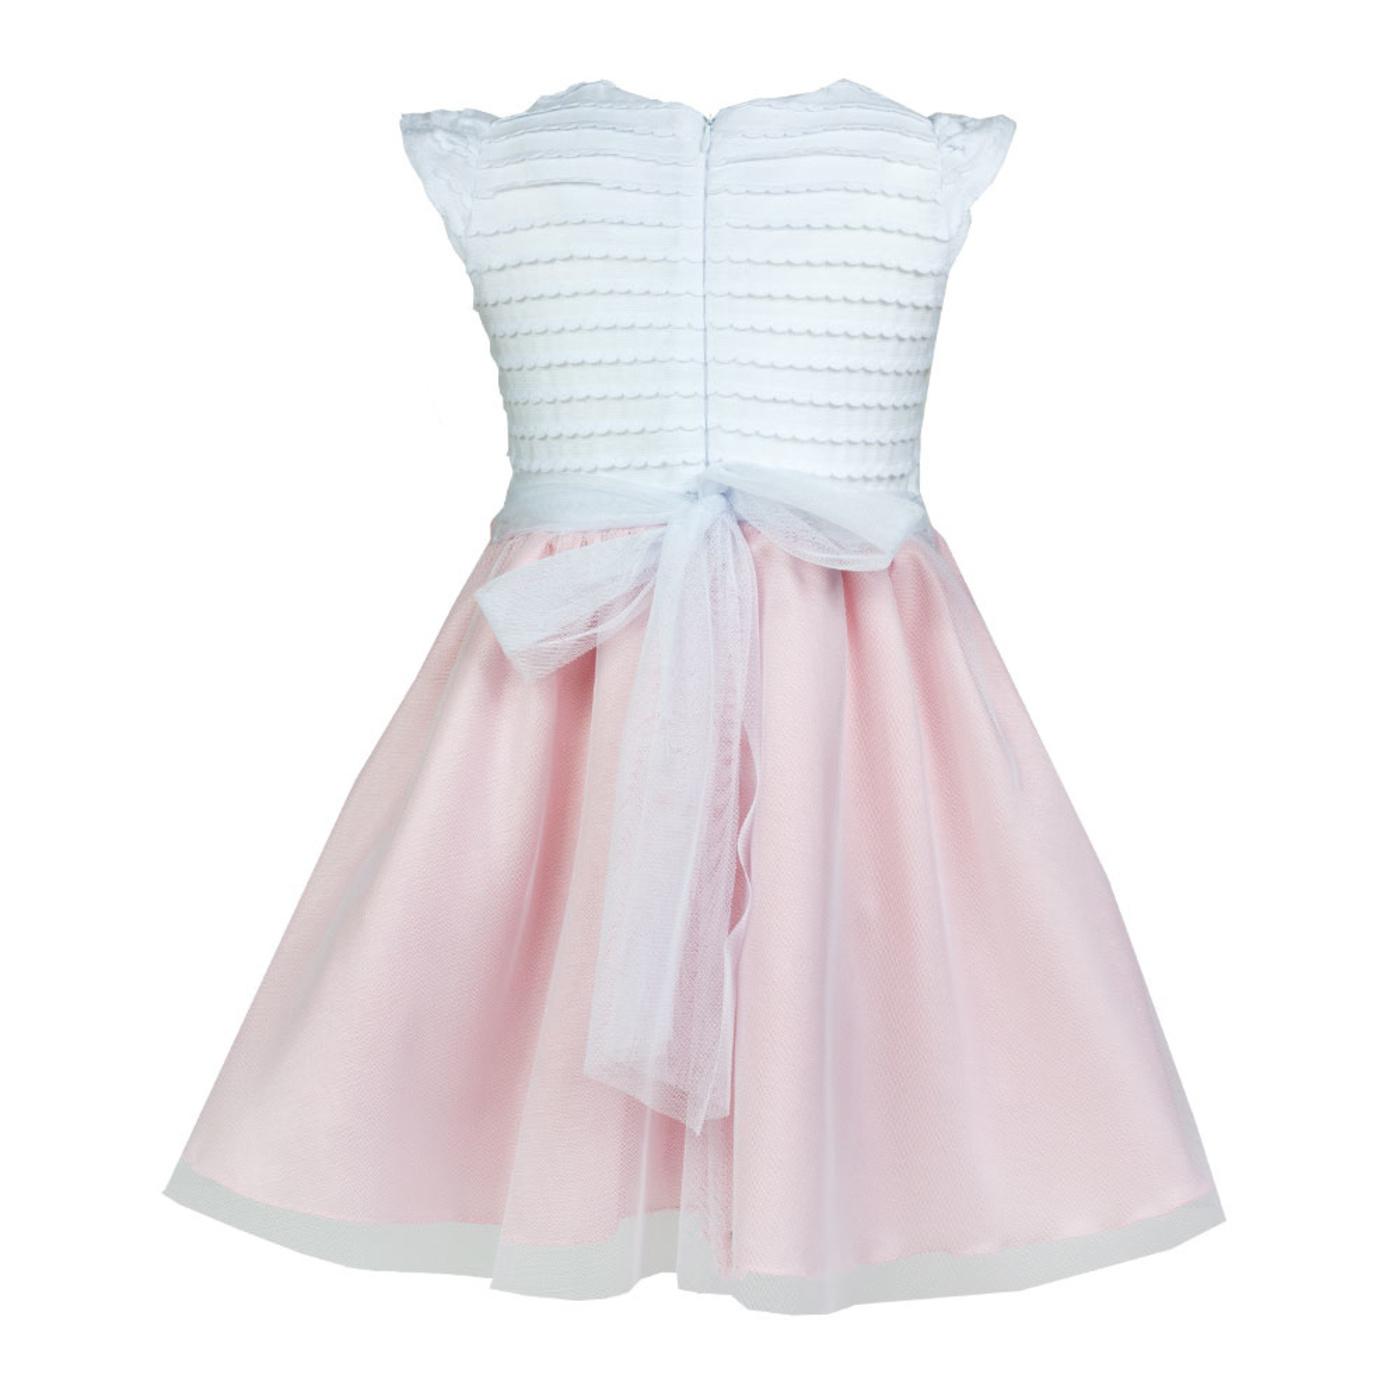 4a27669e55 ... Elegancka sukienka dla dziewczynki Beatka 104-128